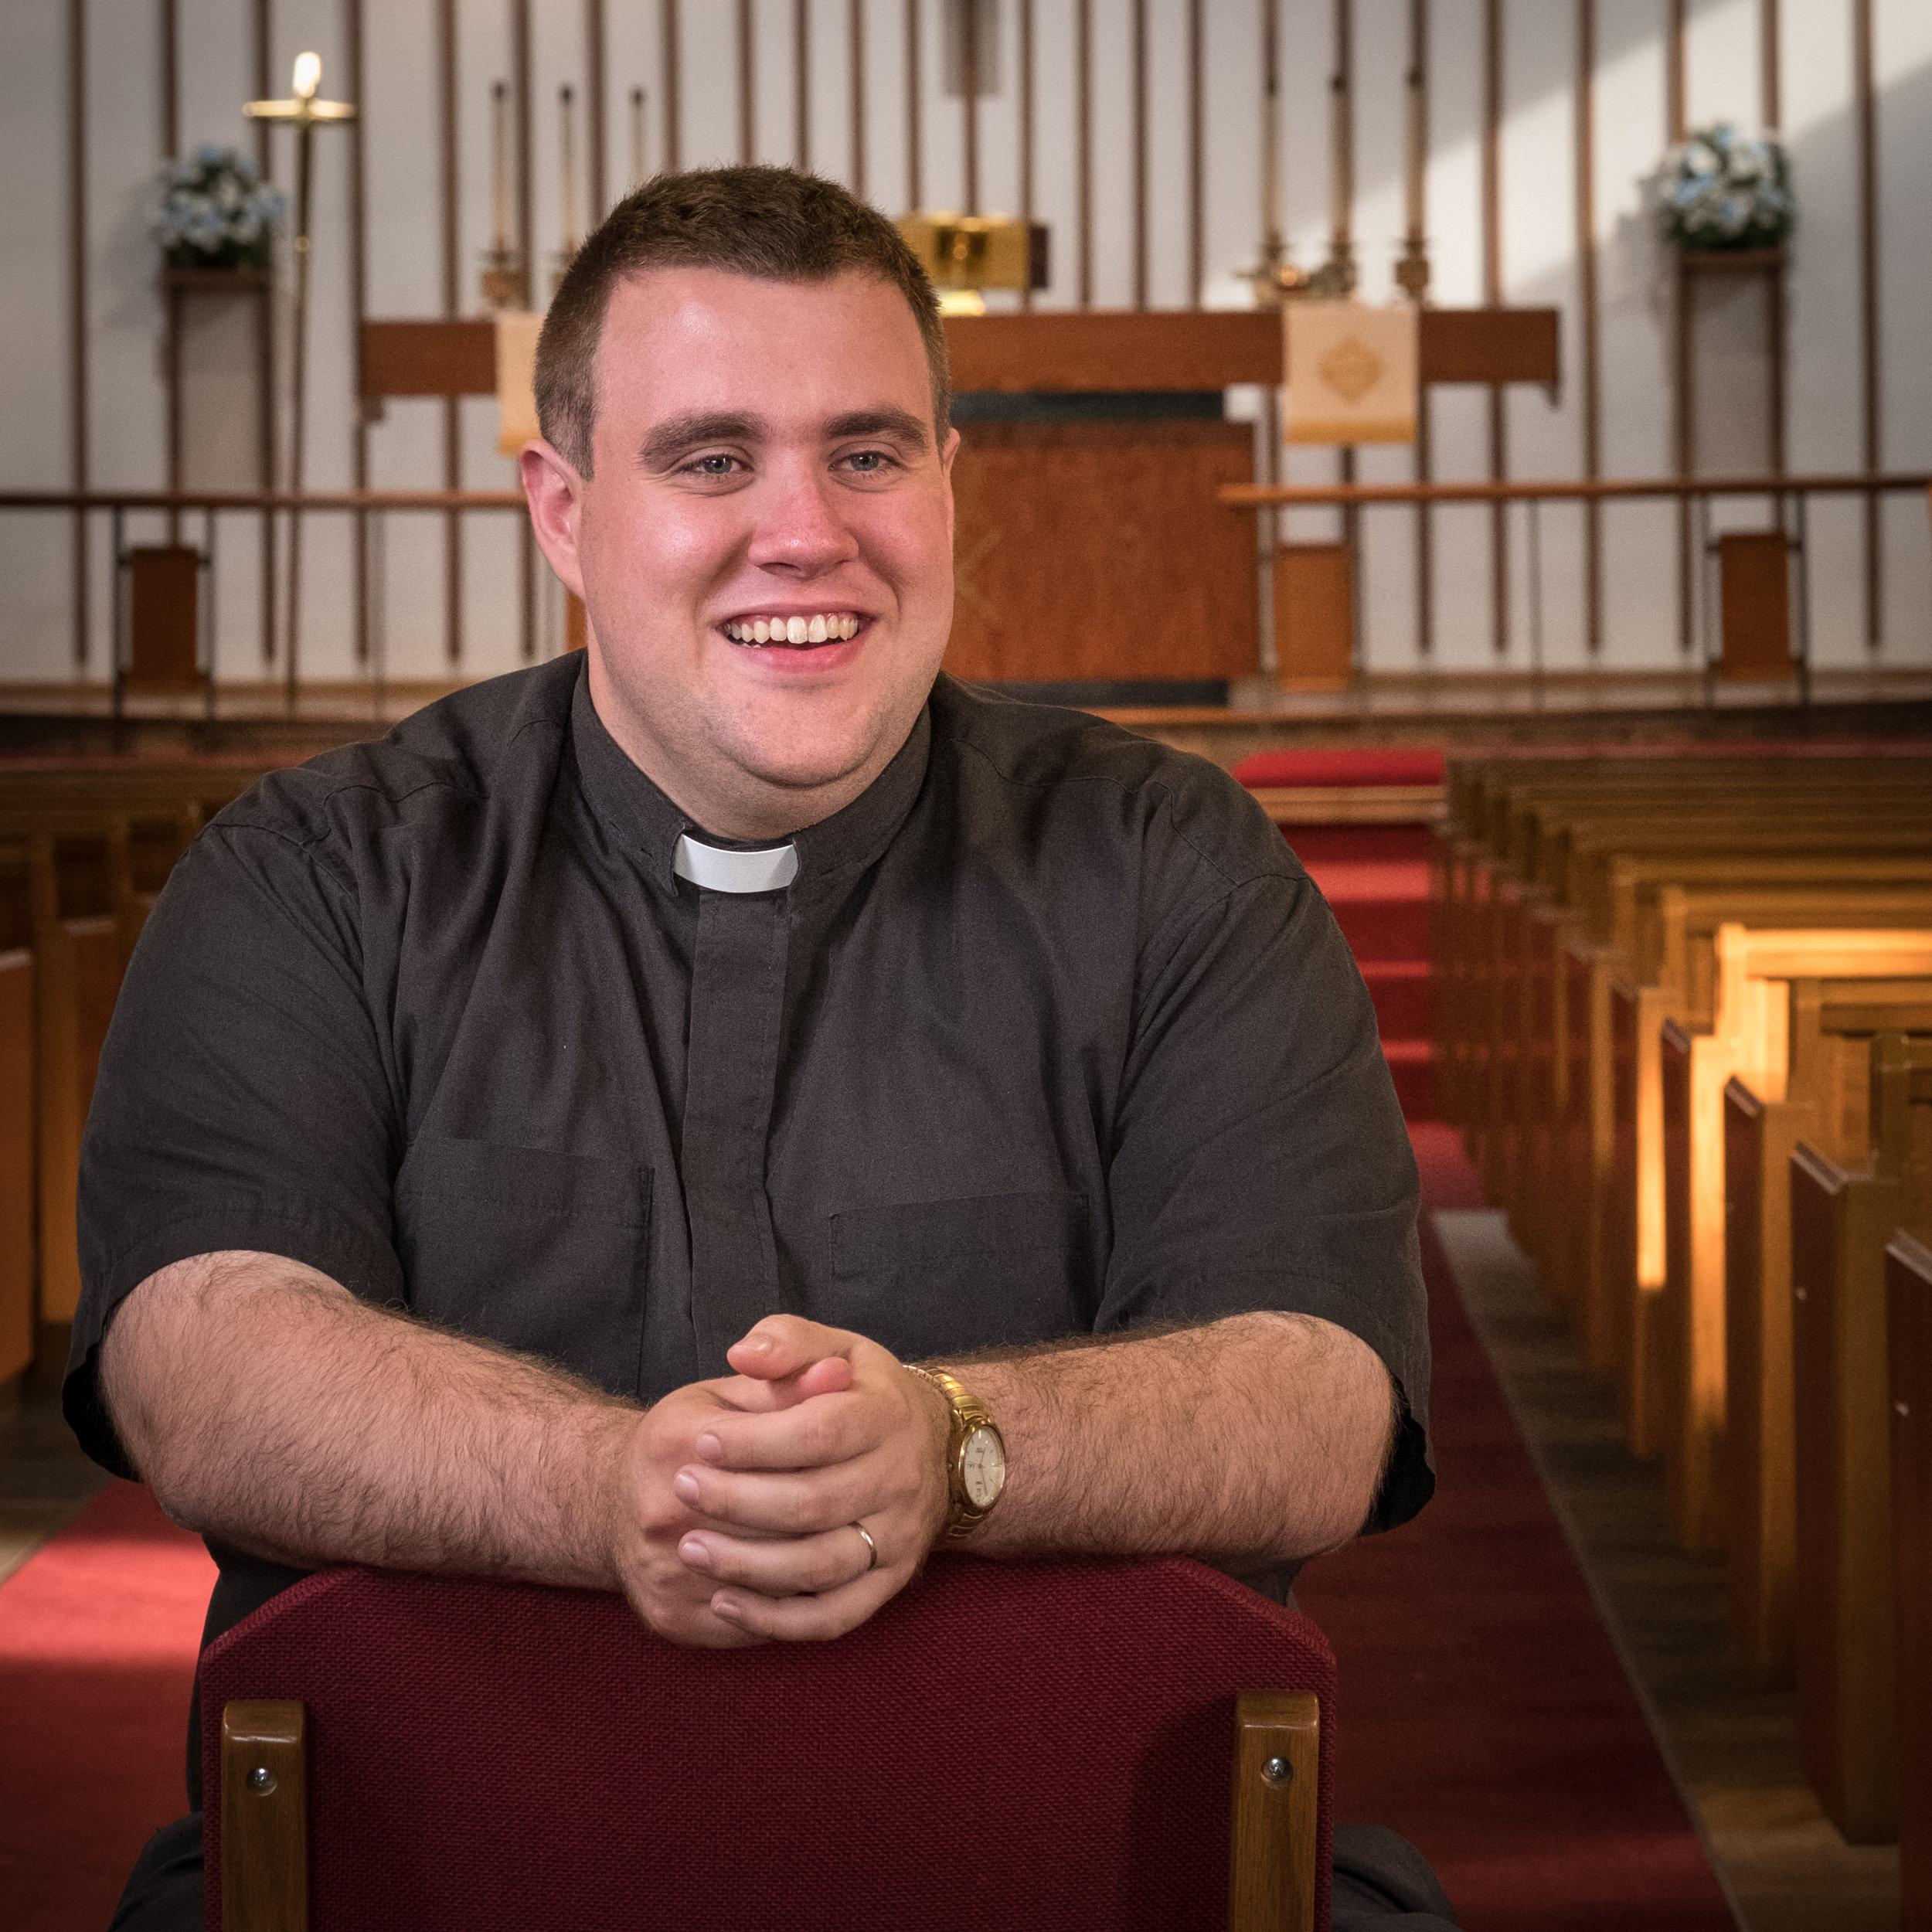 Vicar Joshua Ulm